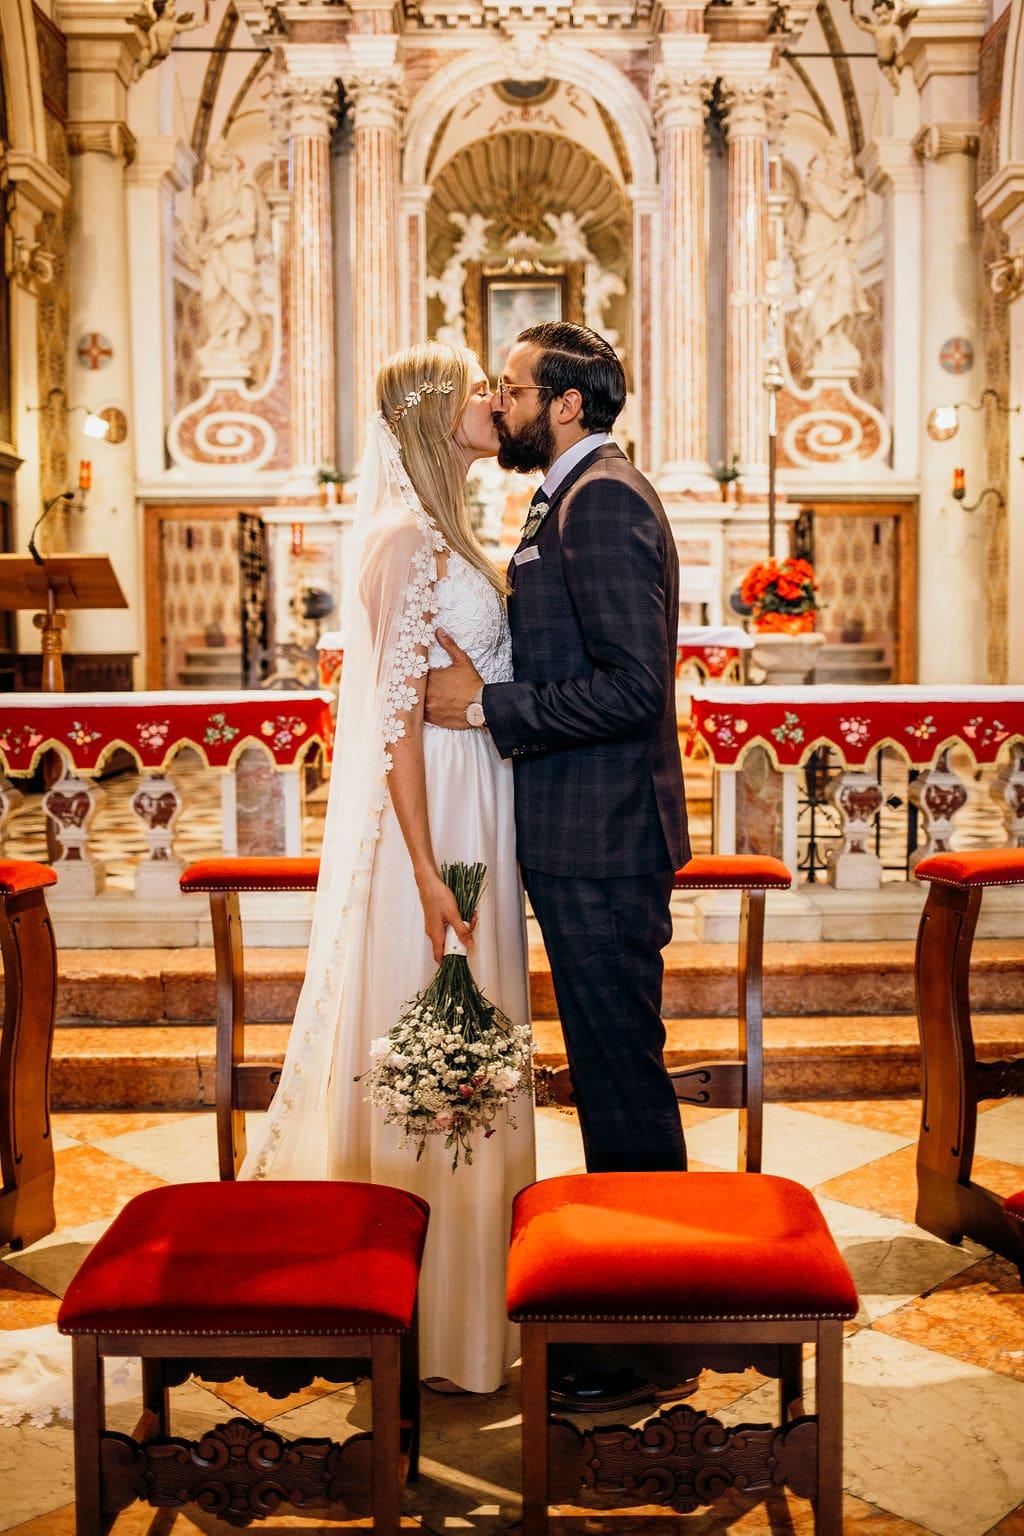 Ute und Rocco Familyphotography Hochzeit Italien – gesehen bei frauimmer-herrewig.de